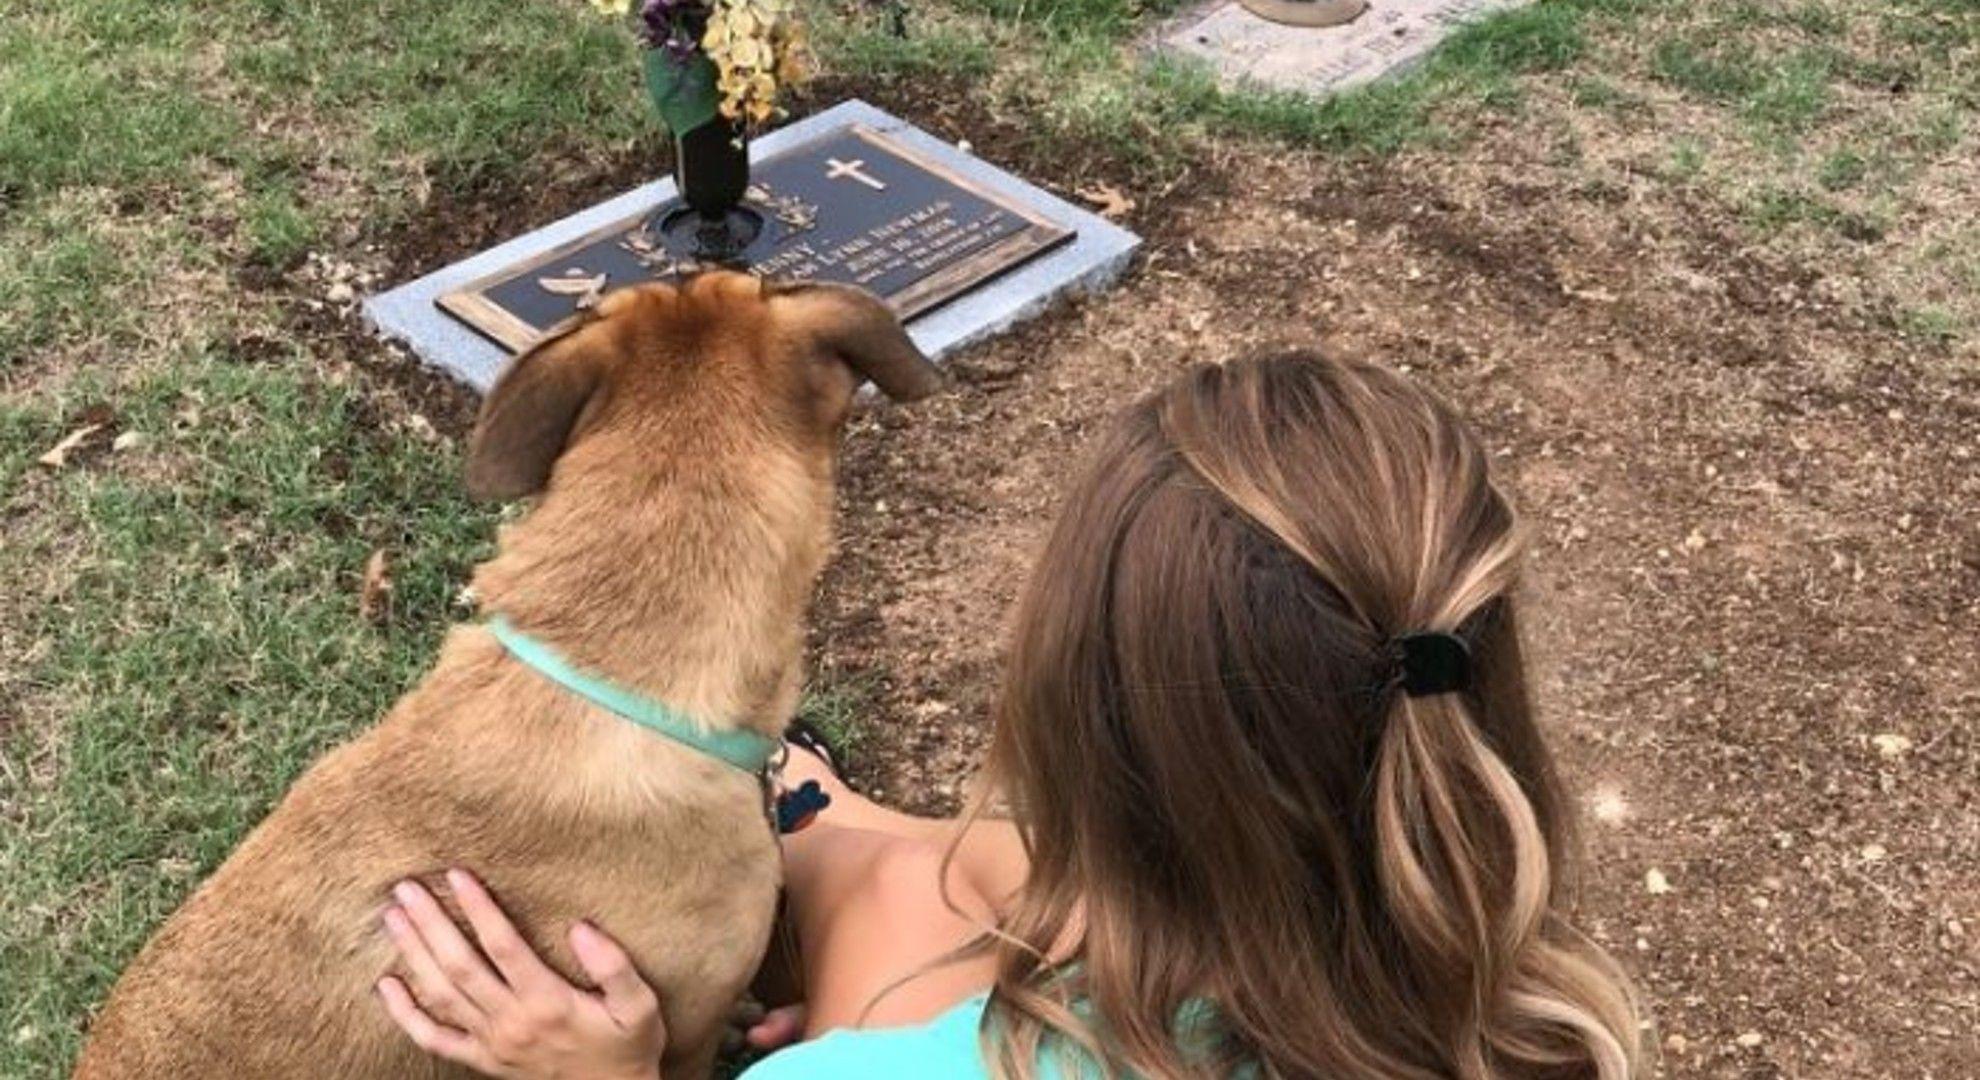 Nővére kutyájának köszönhetően élte túl a gyászt